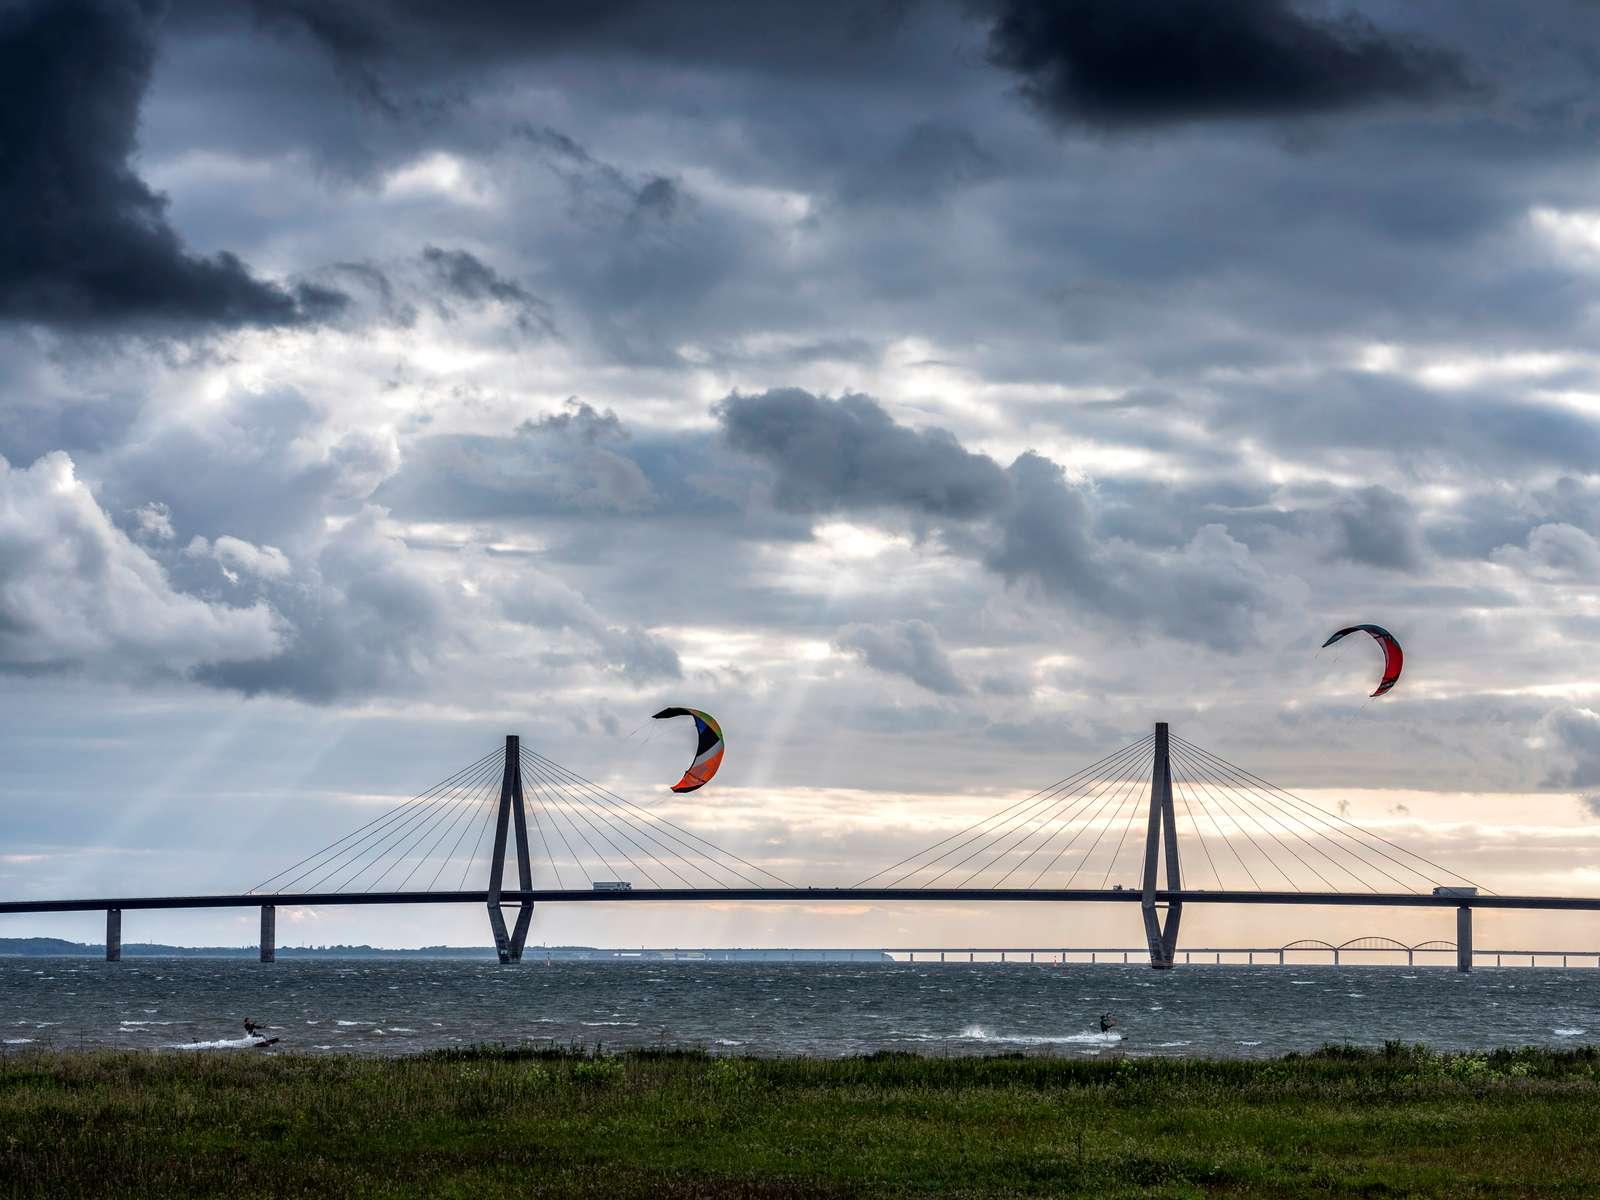 Farobrücke in Dänemark zwischen Falster und Seeland